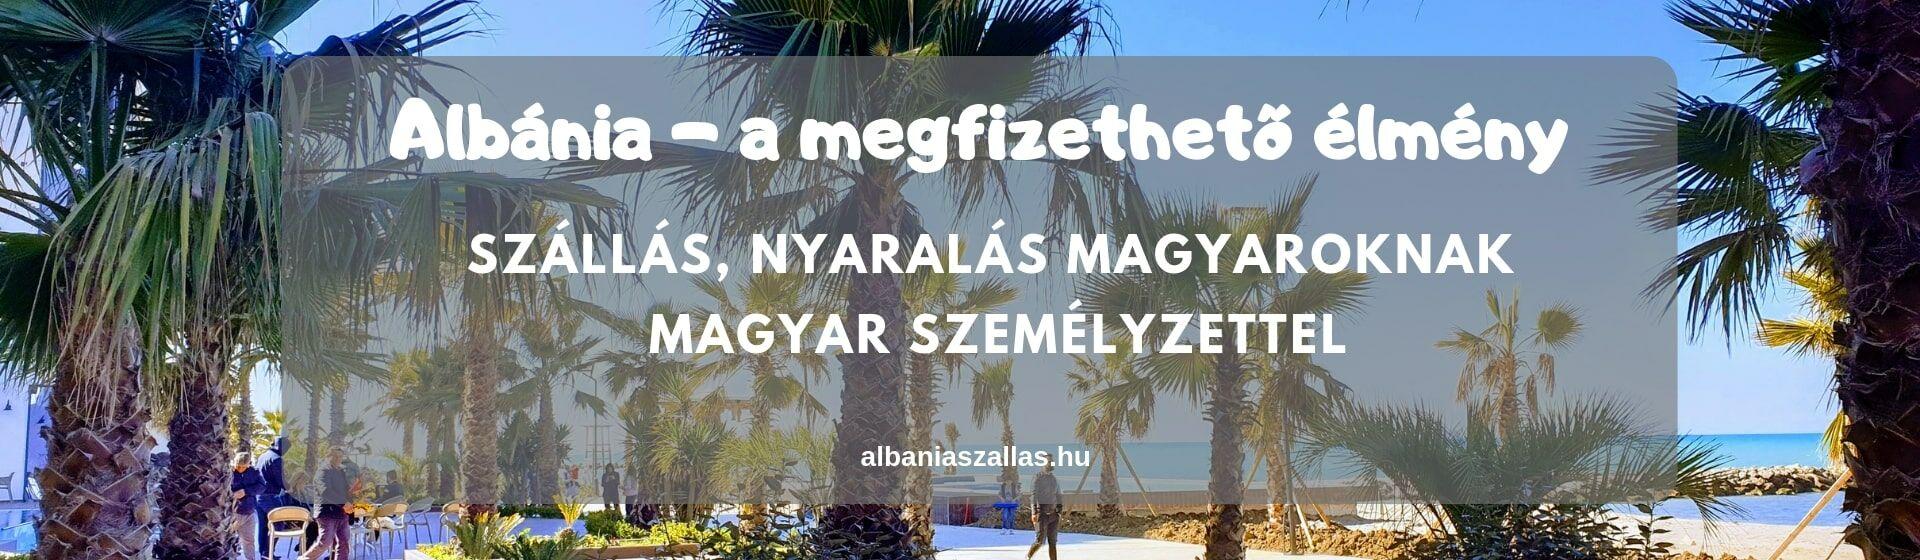 Albánia nyaralás